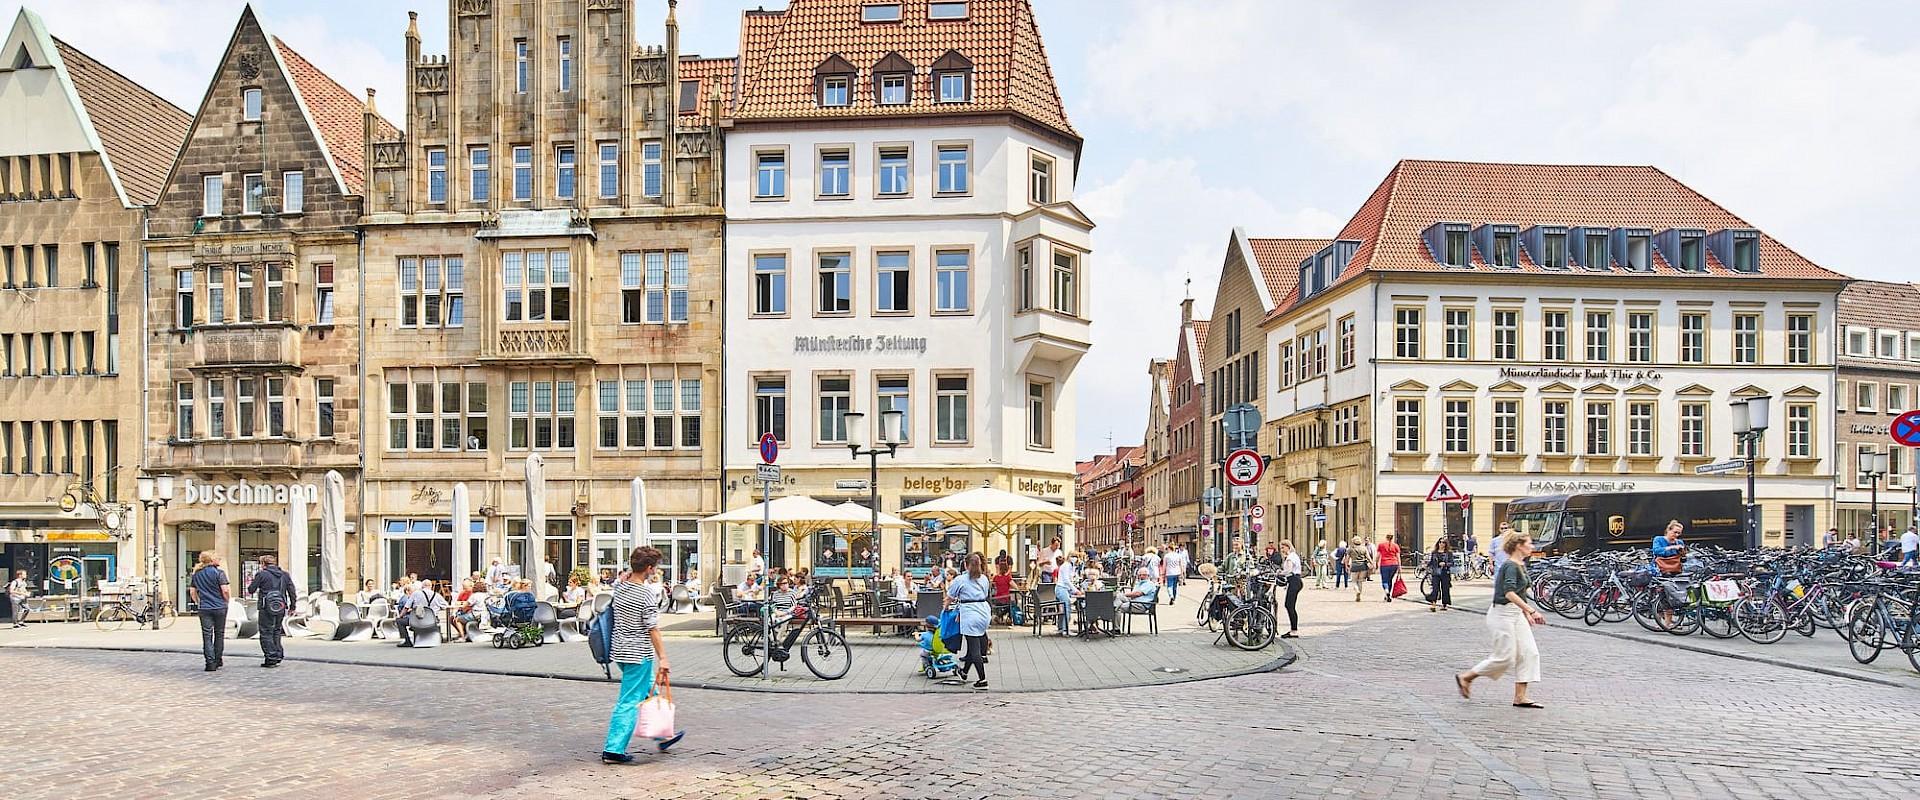 Der Prinzipalmarkt ist das Herz von Münster.